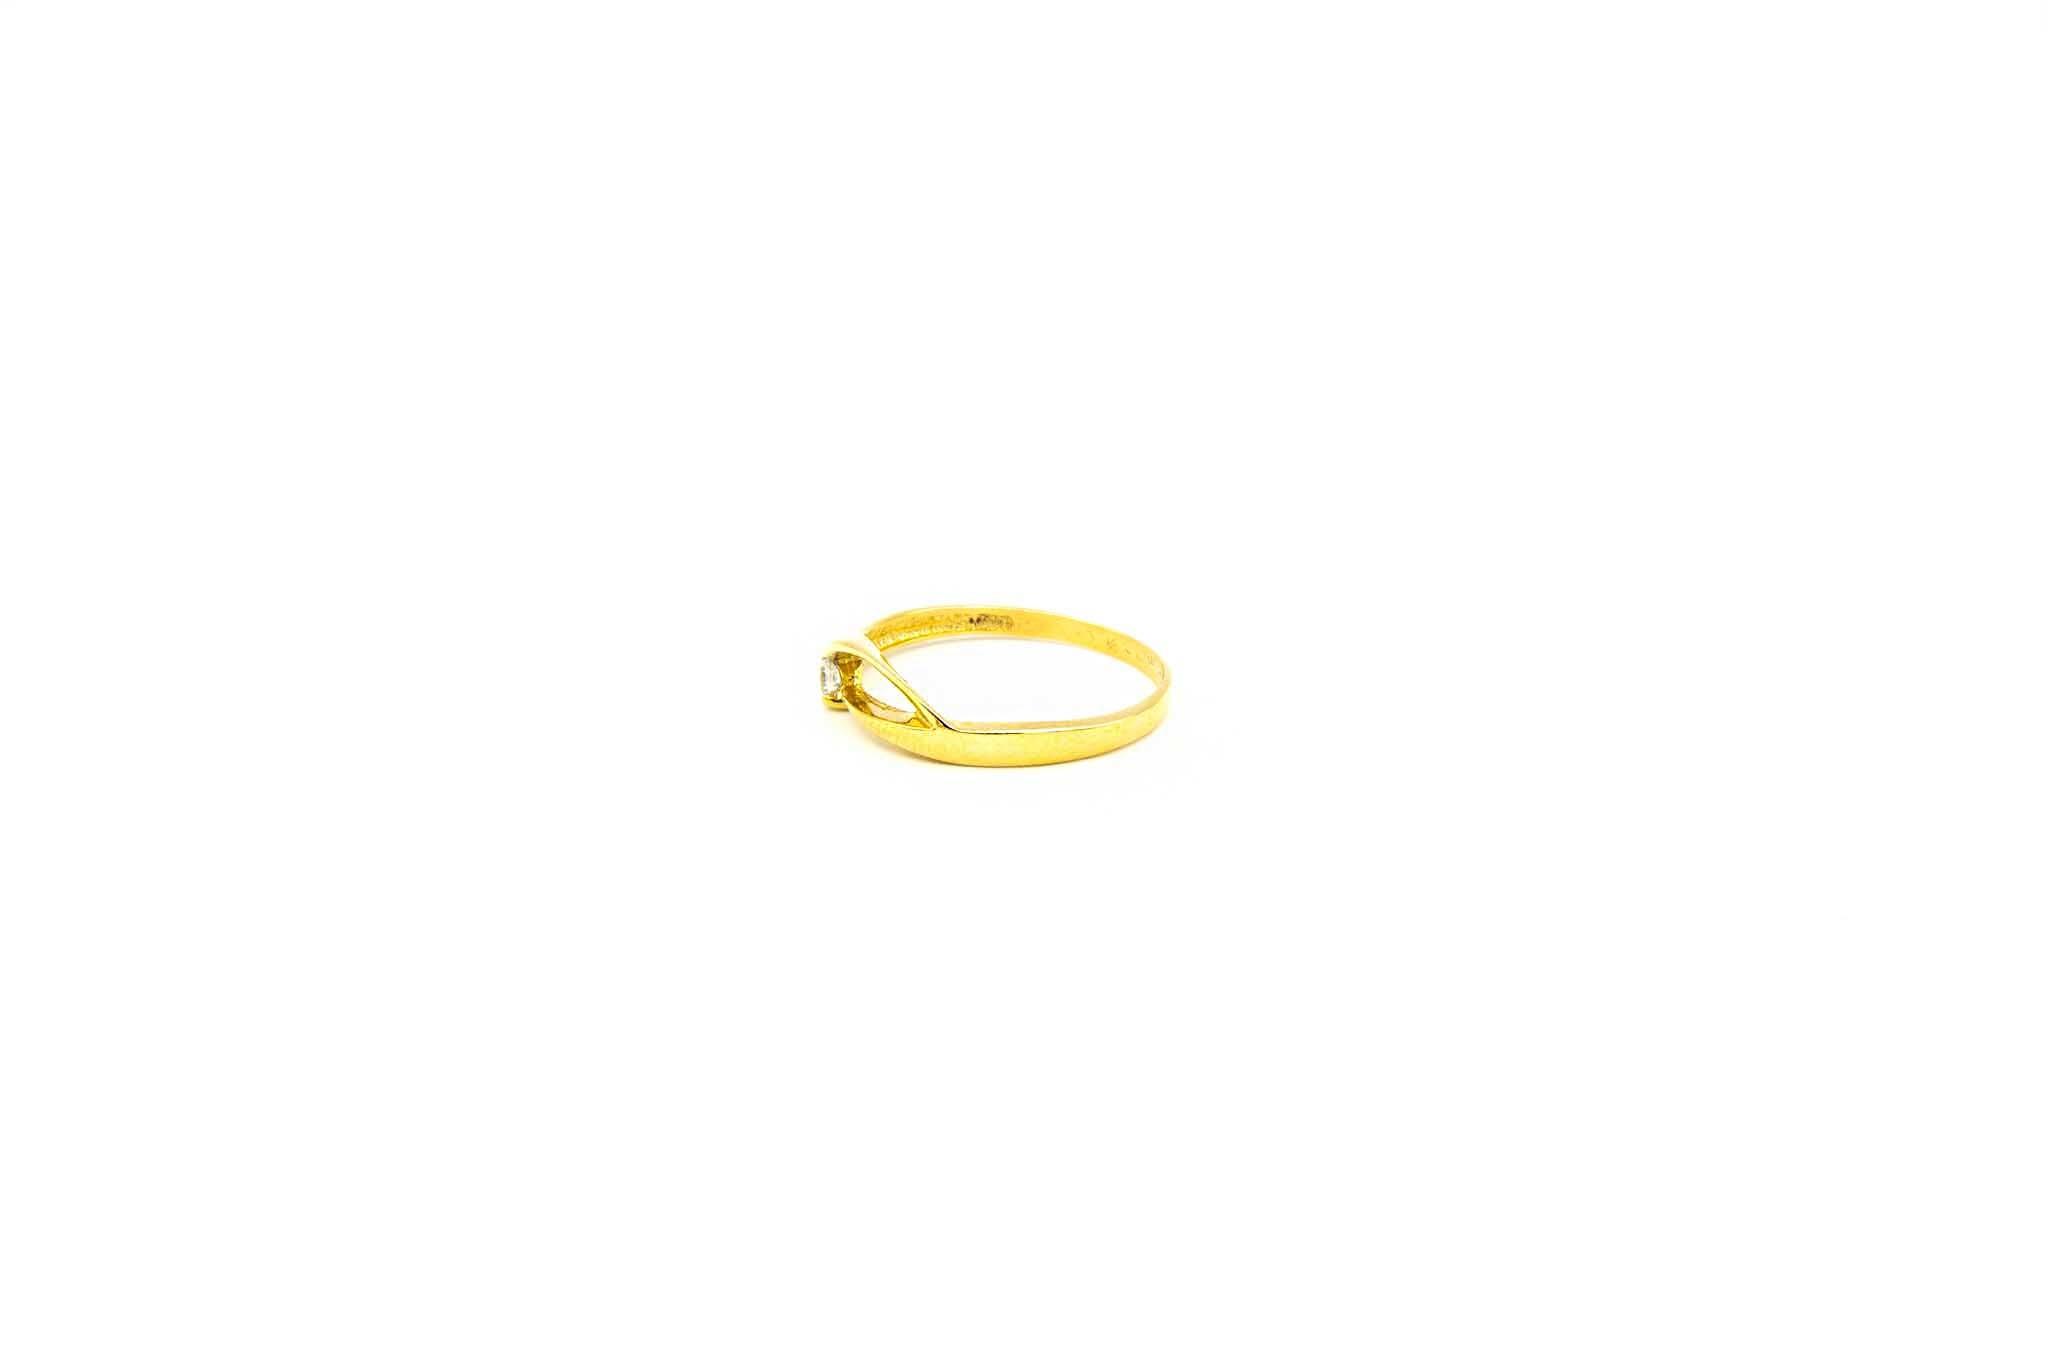 Ring fantasie opengewerkte band met zirkonia-2